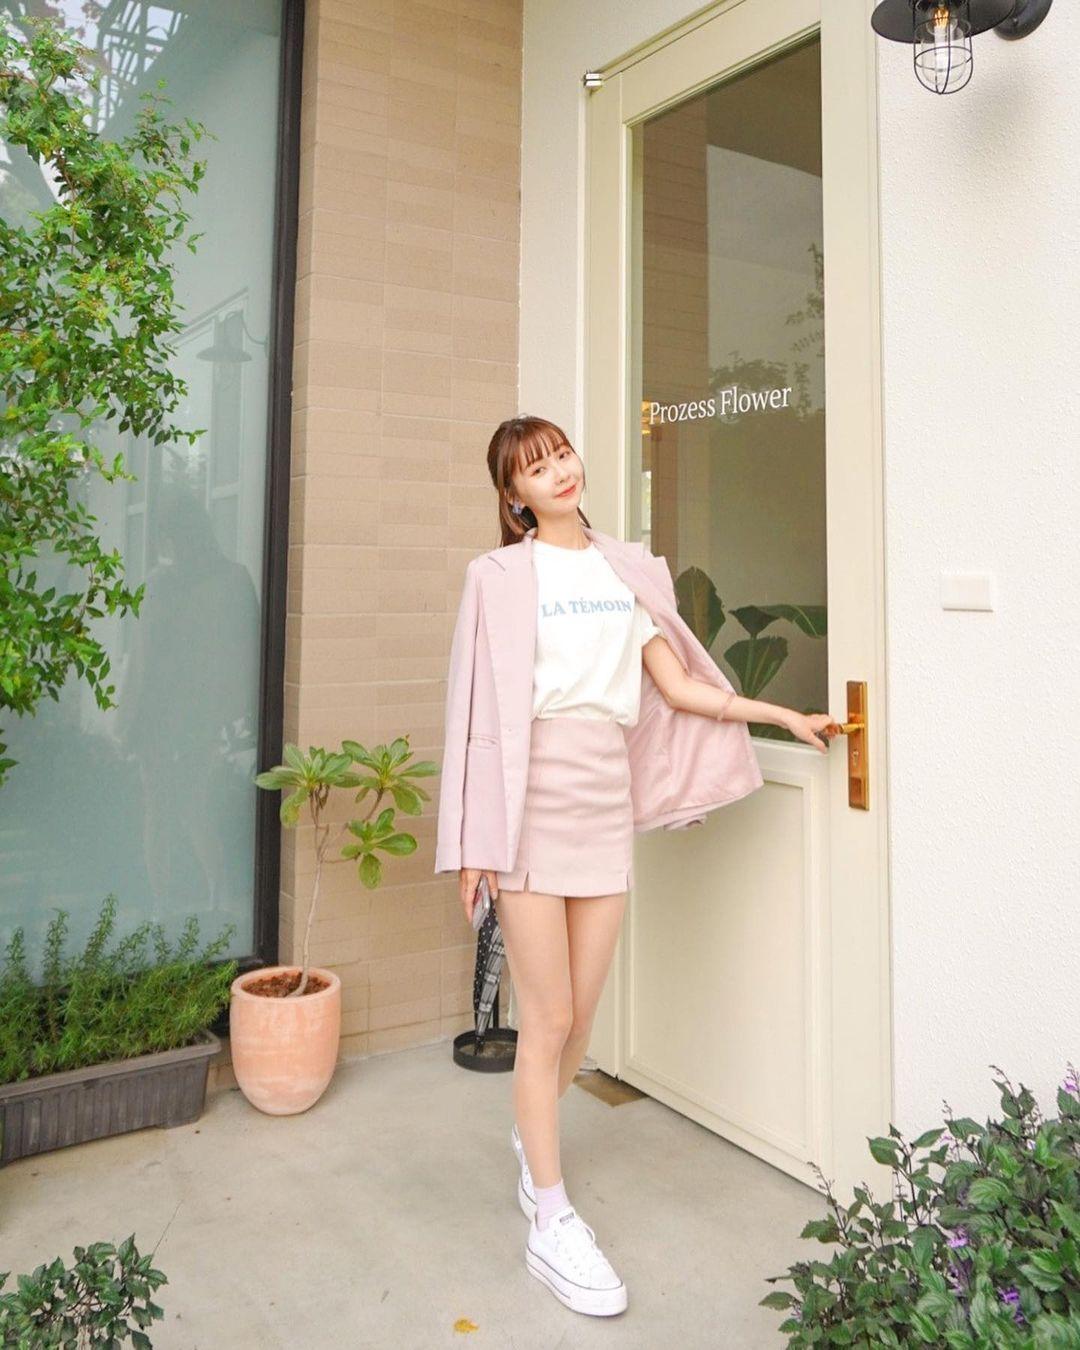 童颜美美女平面设计师太强啦精致小脸+修长美腿全秀出来 养眼图片 第12张